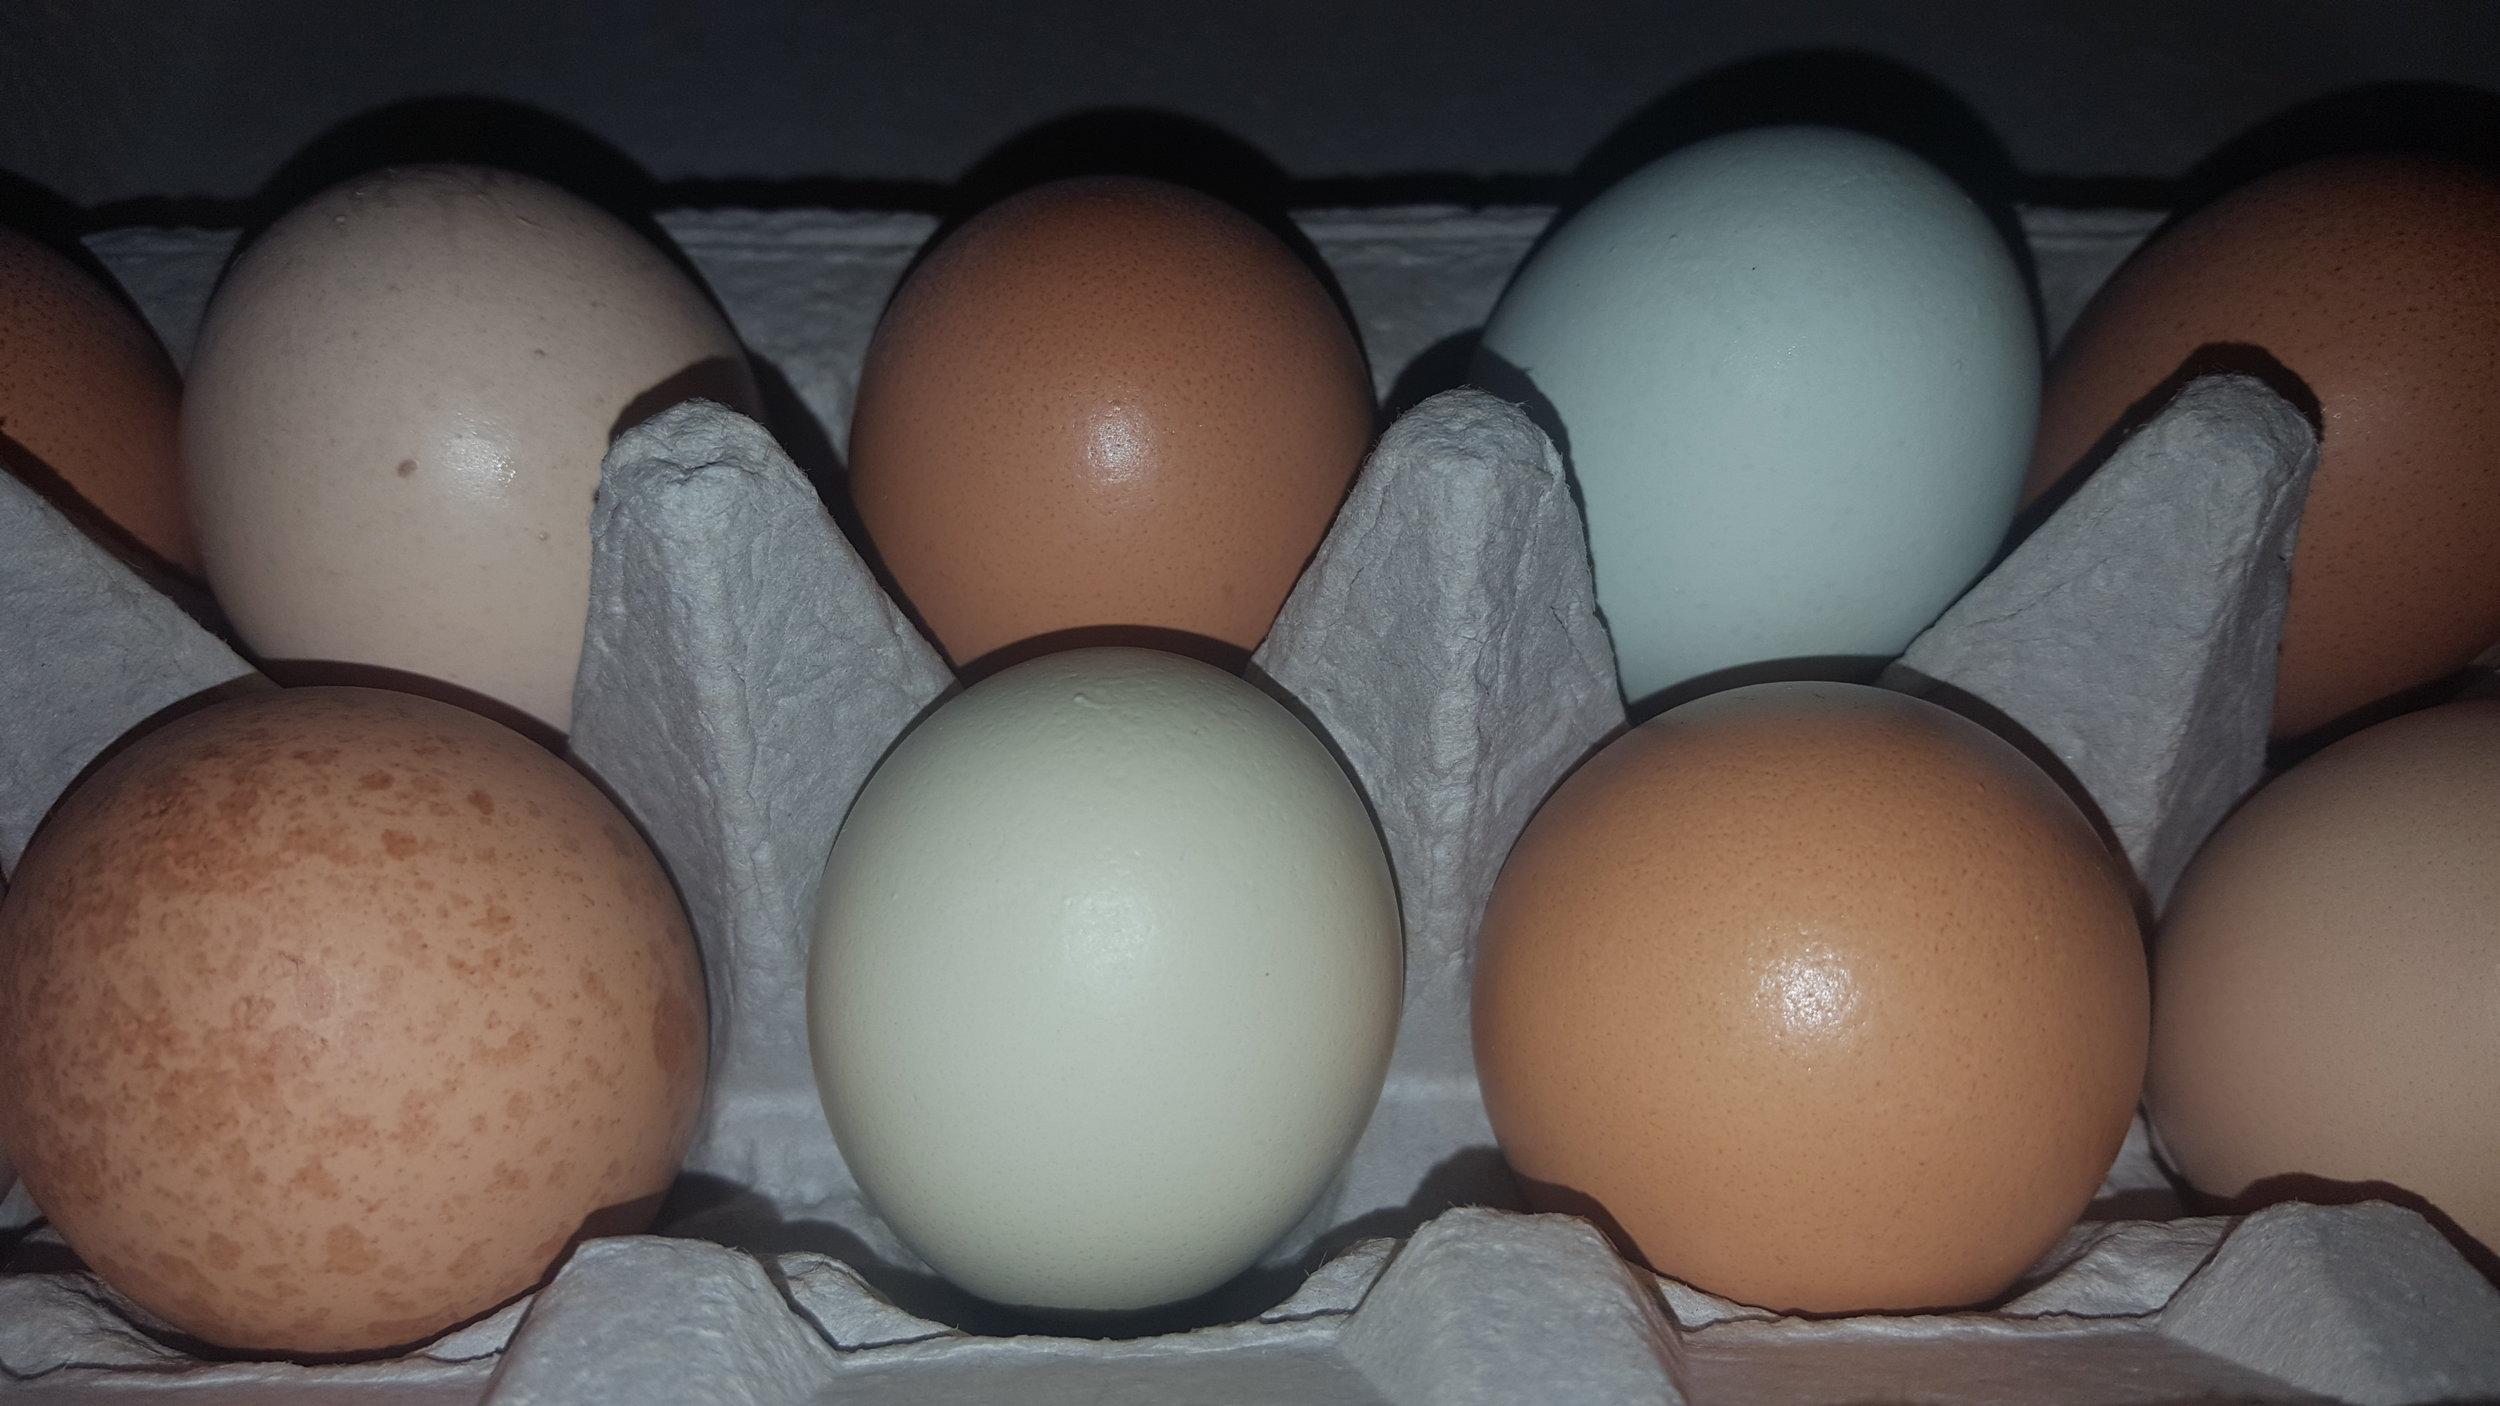 eggs6.jpg